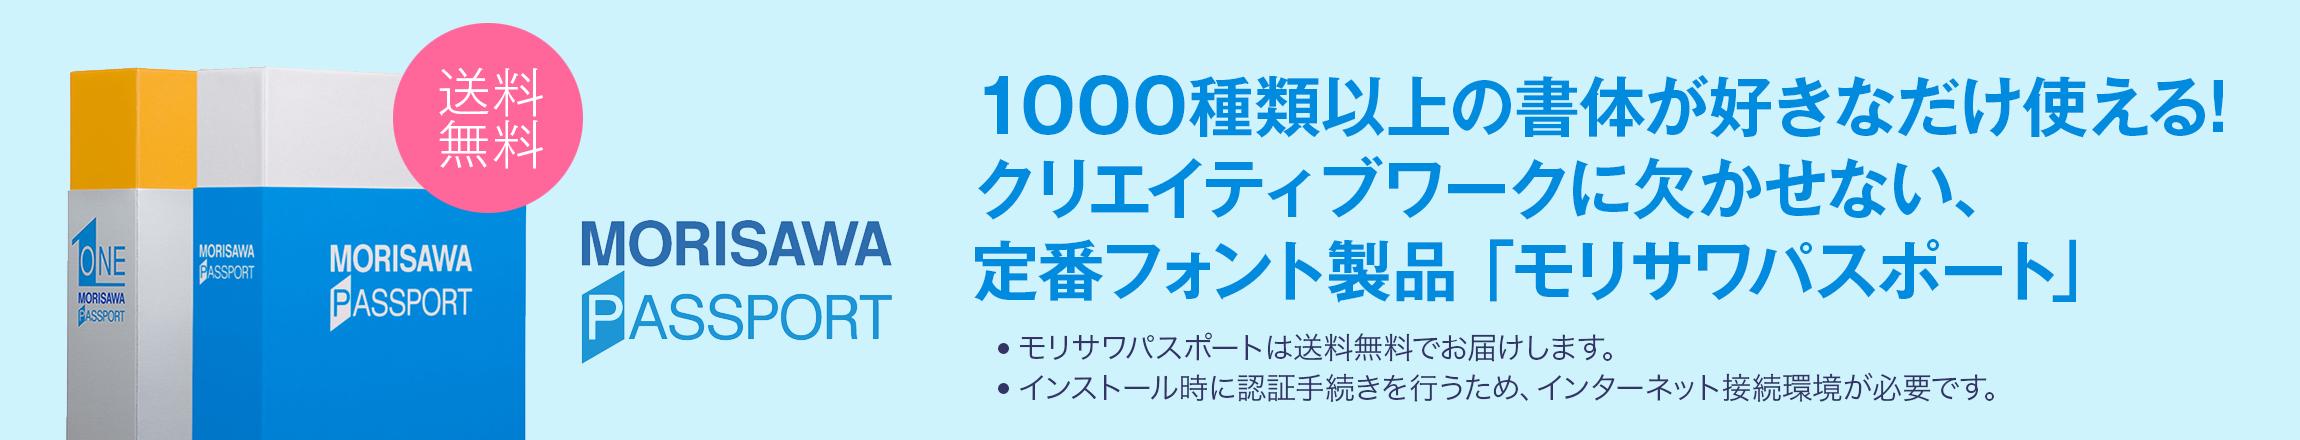 1000種類以上の書体が好きなだけ使える!クリエイティブワークに欠かせない、定番フォント製品「モリサワパスポート」